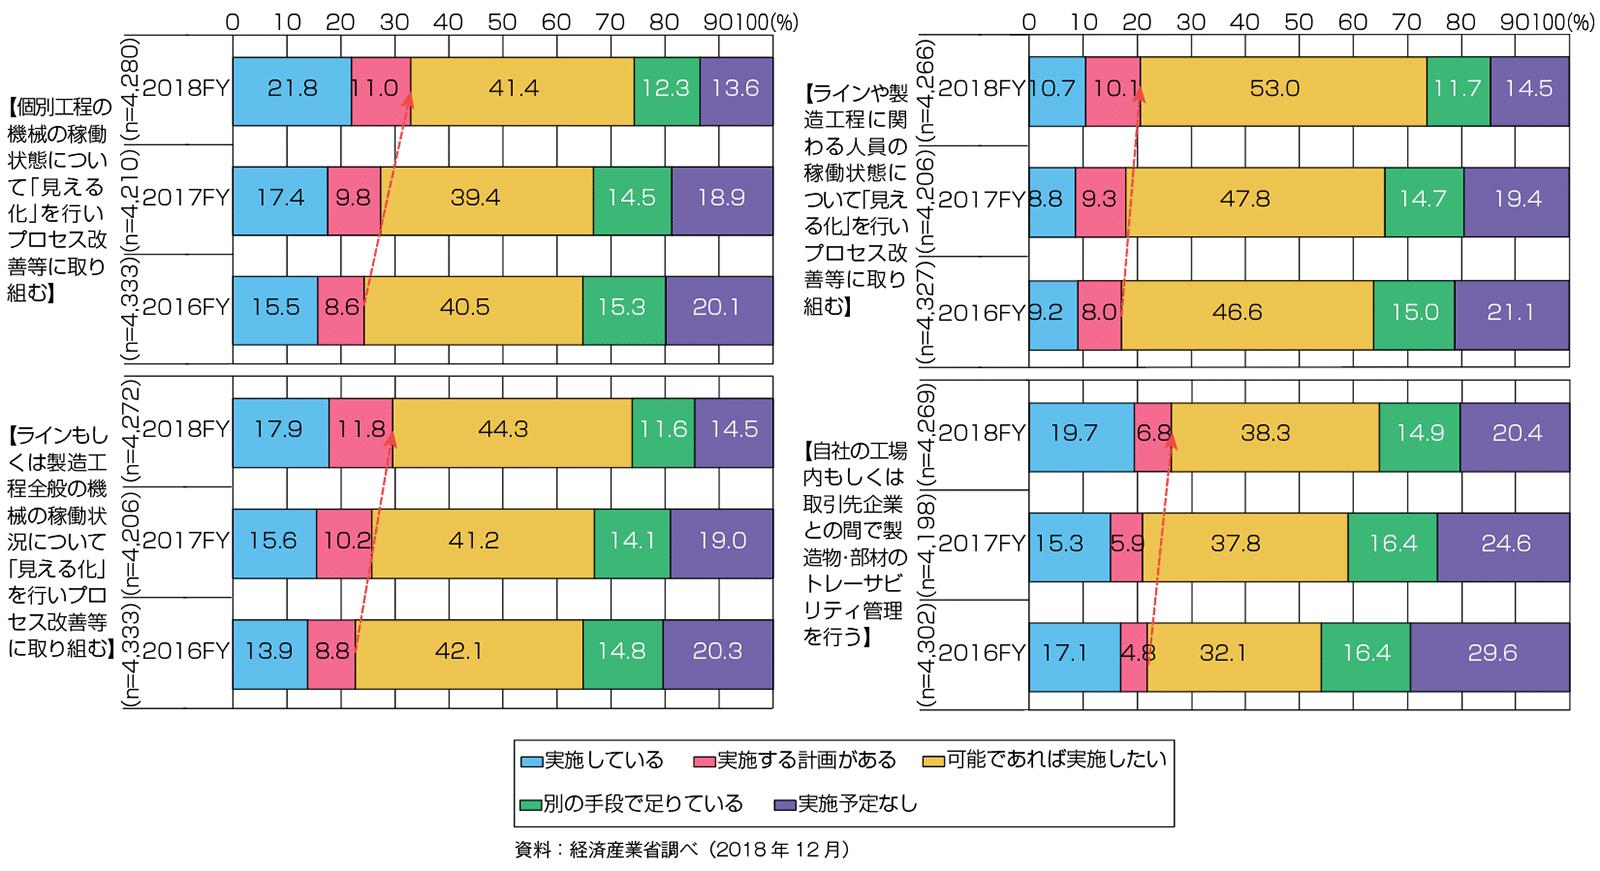 収集データの活用状況(経年)(出典:2019年版ものづくり白書)